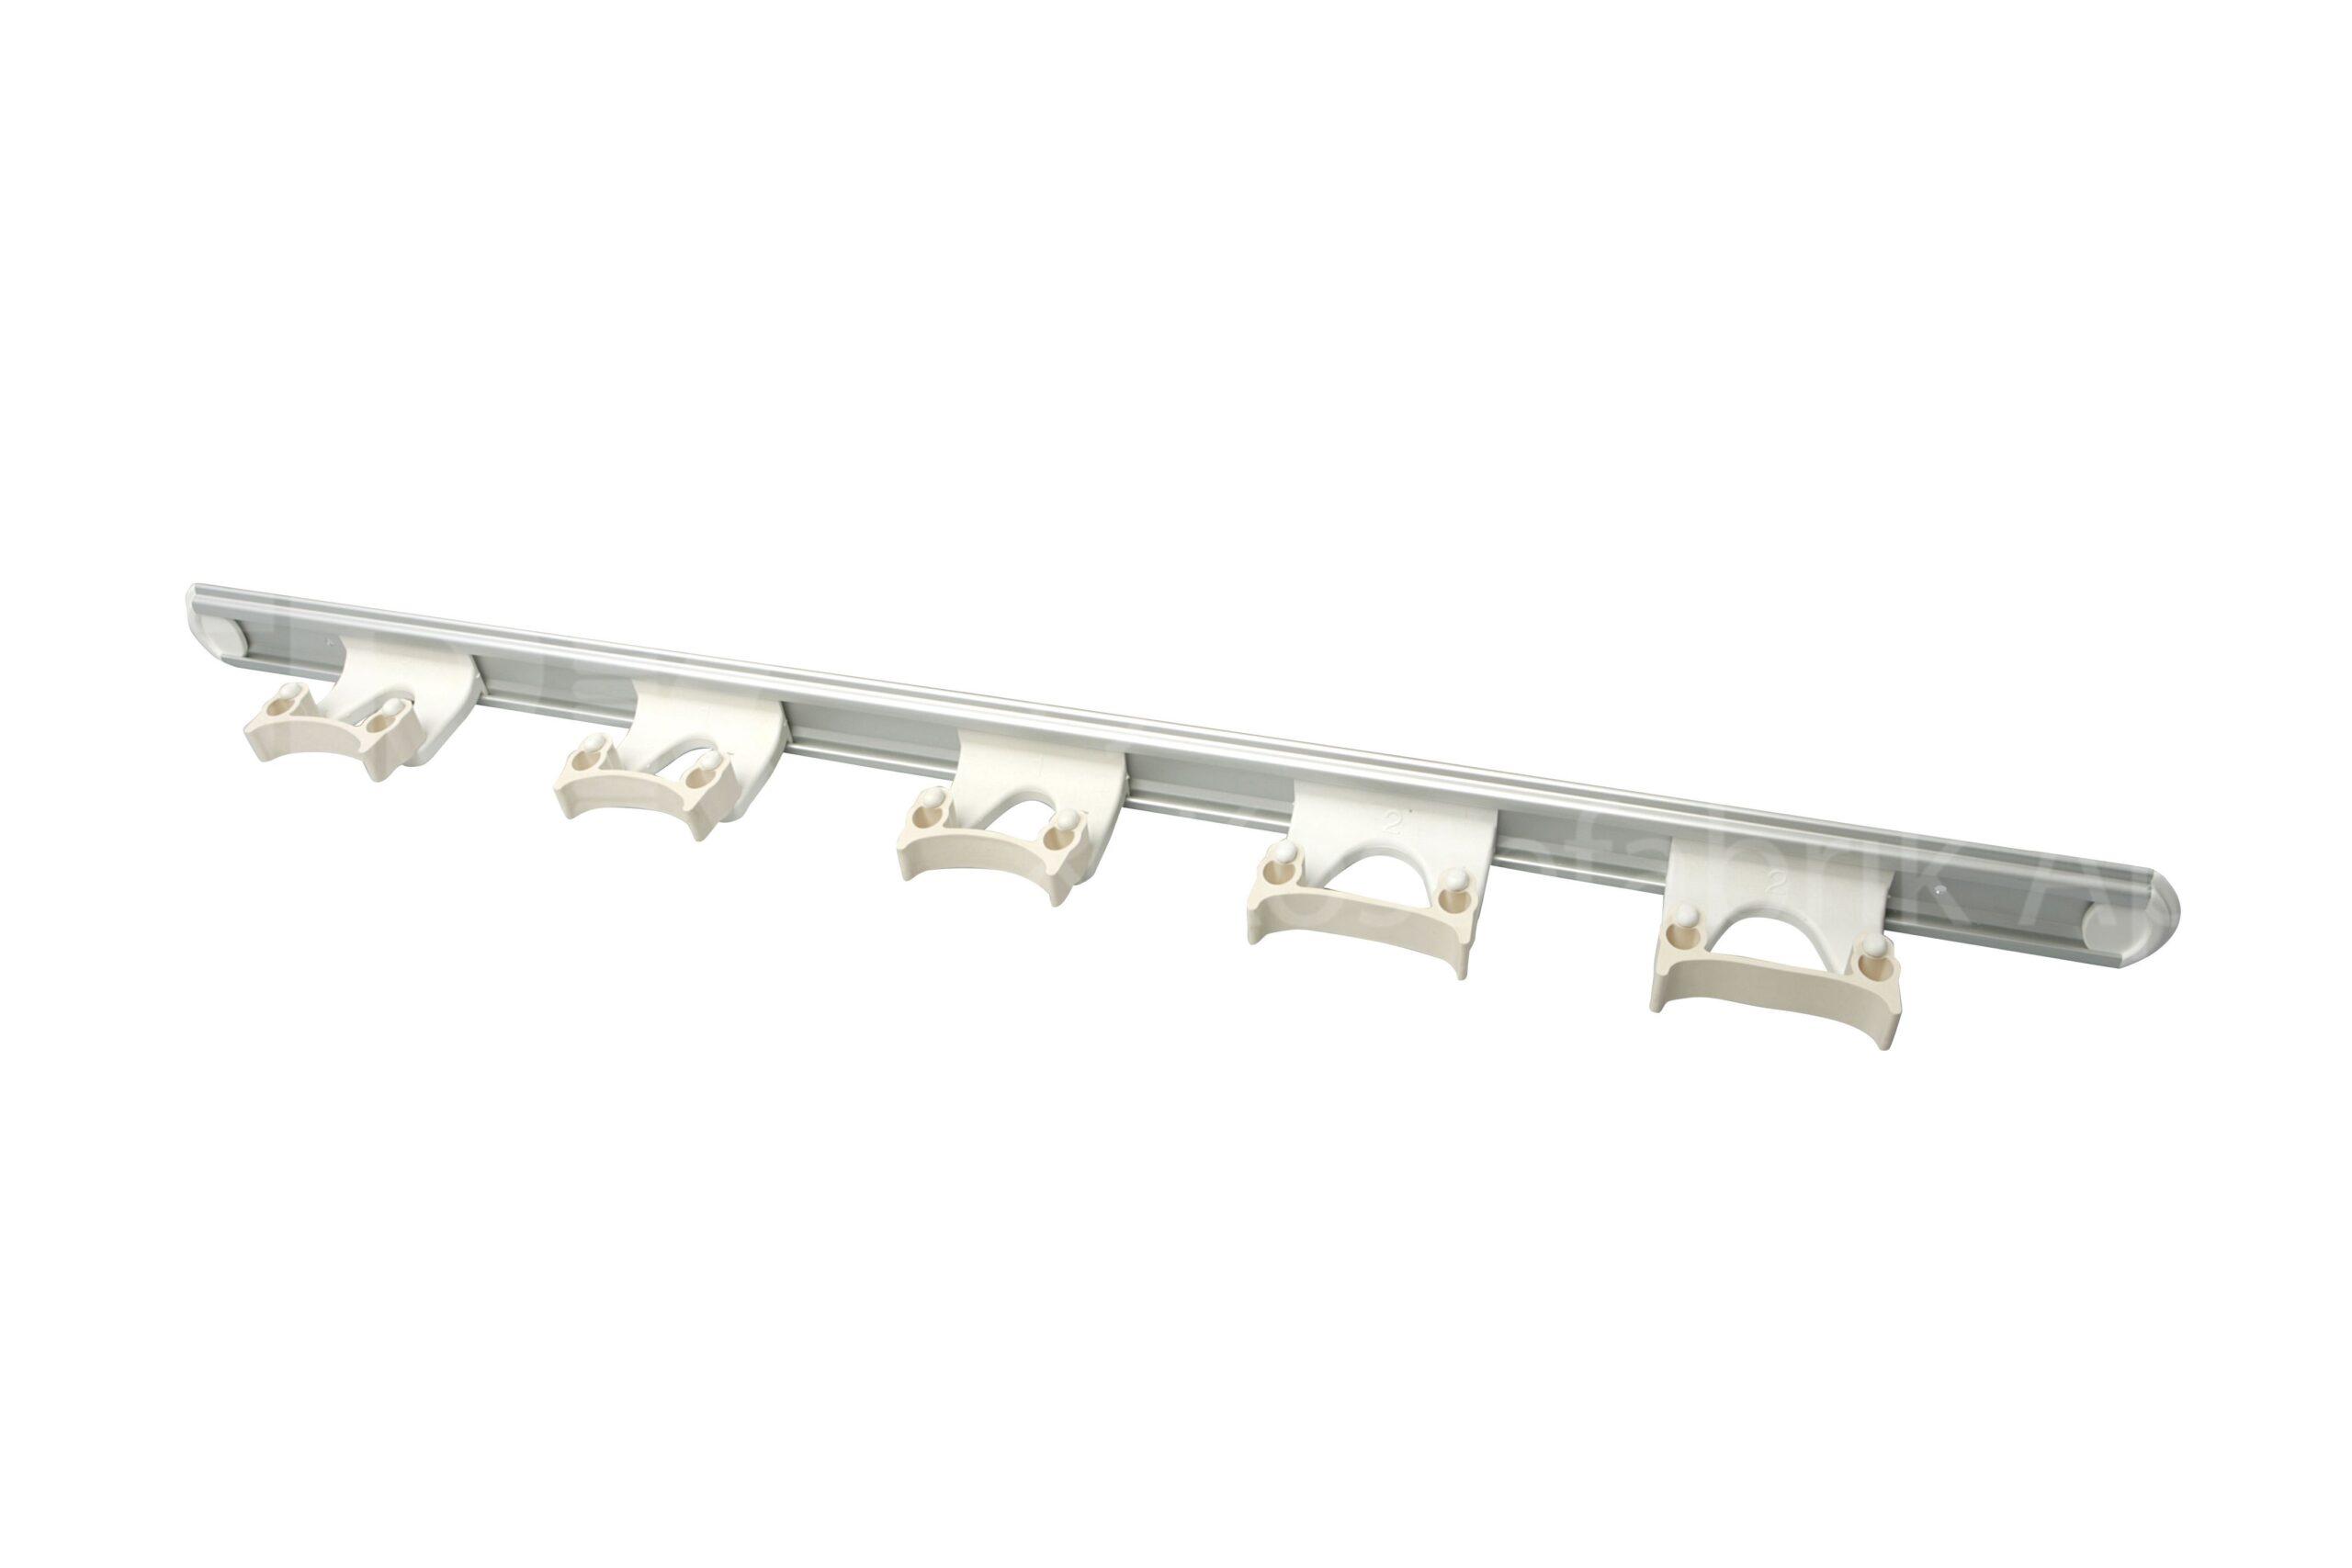 FT veggoppheng, skinne m/5 holdere, hvit